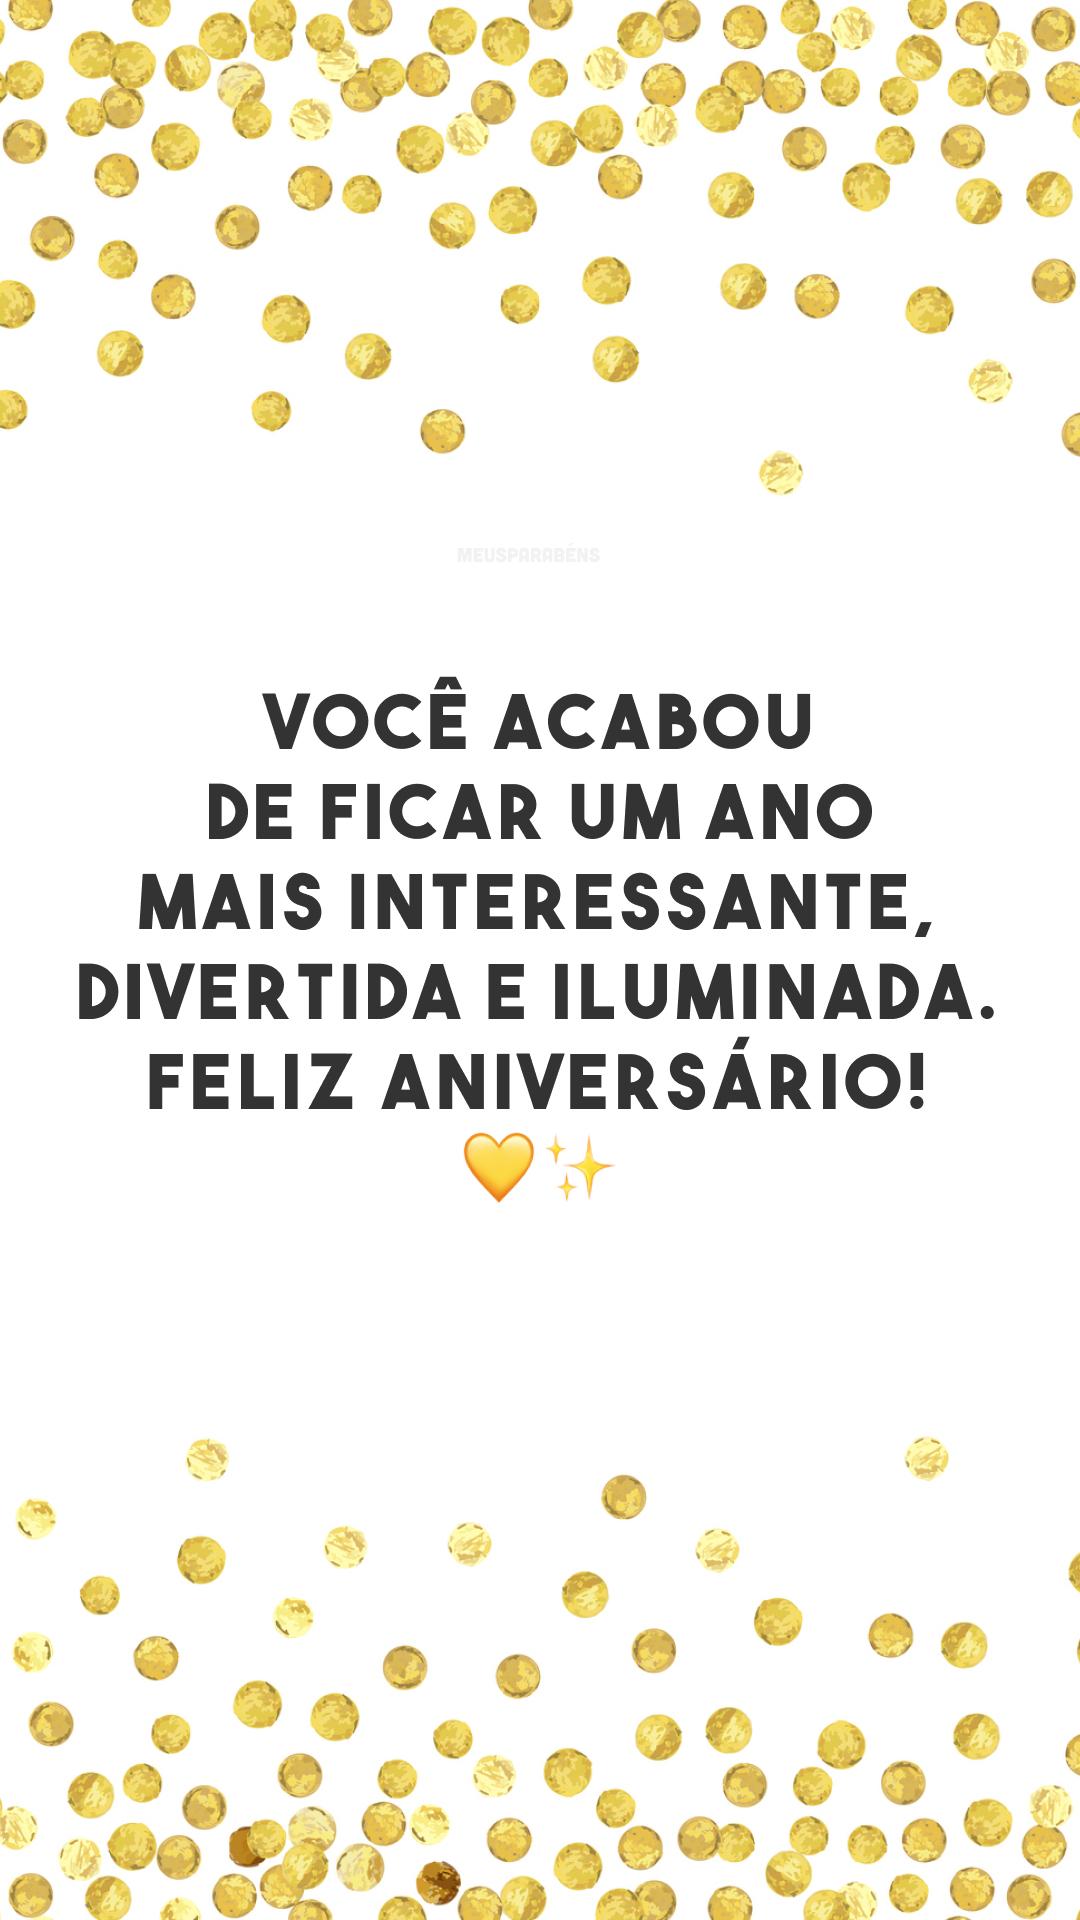 Você acabou de ficar um ano mais interessante, divertida e iluminada. Feliz aniversário! 💛✨